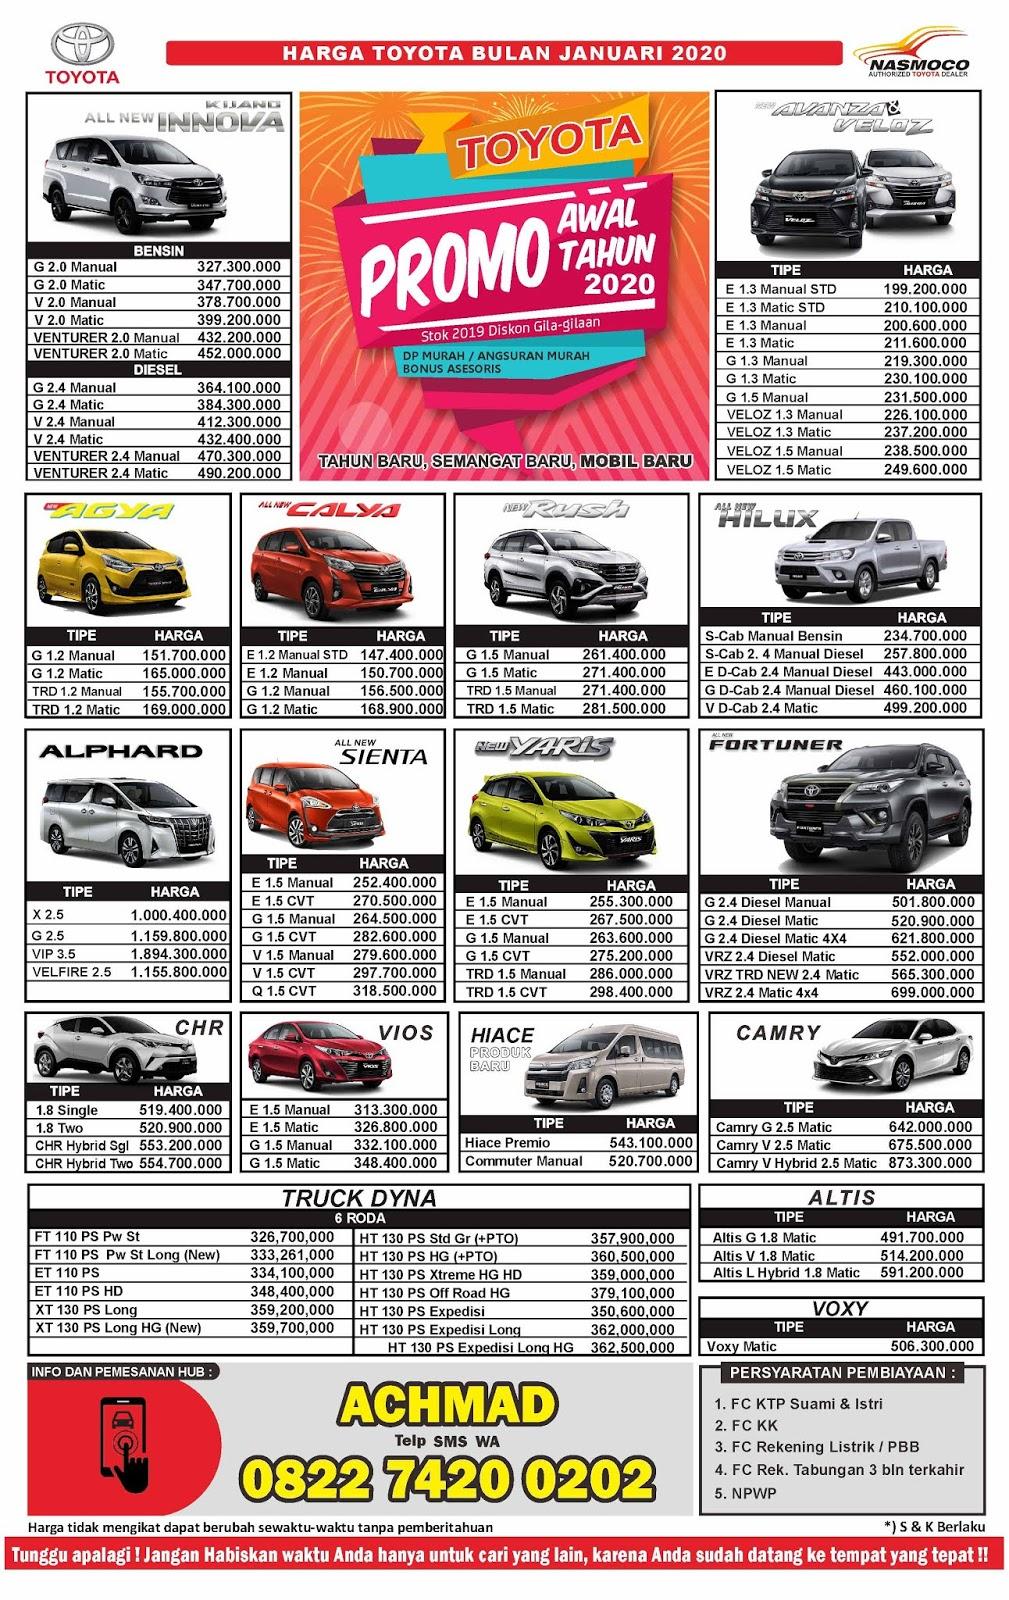 Kelebihan Kekurangan Daftar Mobil Toyota Review